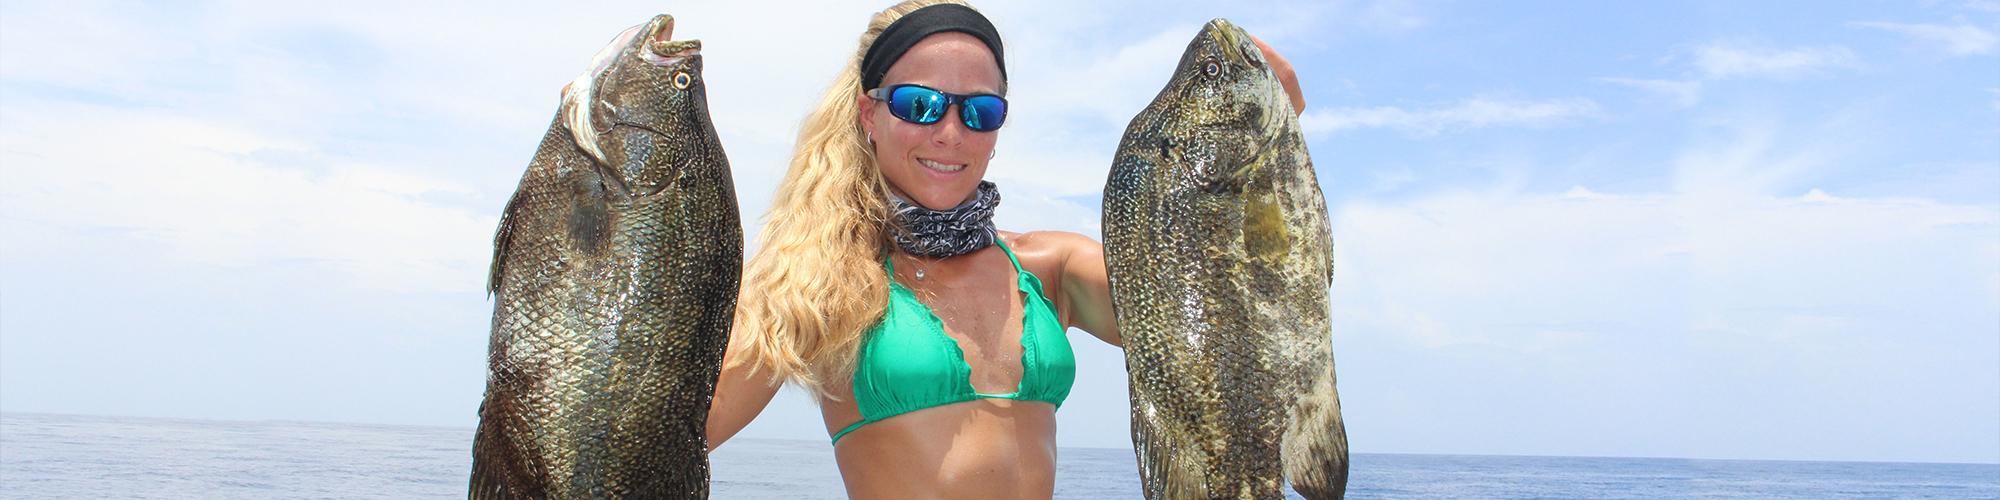 El Gouna Fishing Trips - Tours From Hurghada